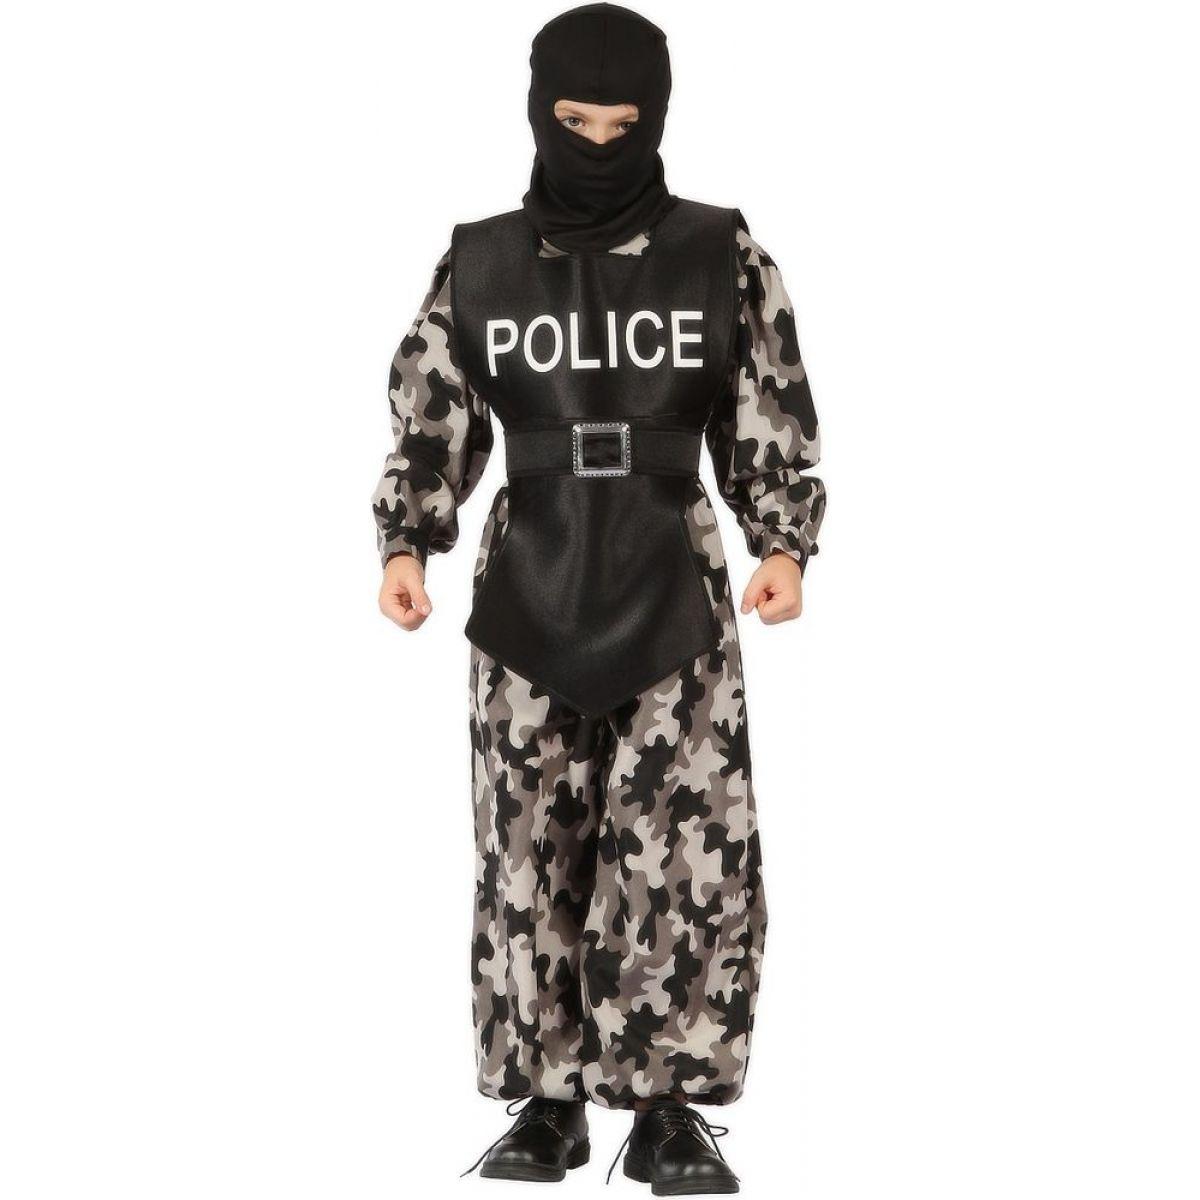 Made Dětský kostým Policista 110-120cm MaDe